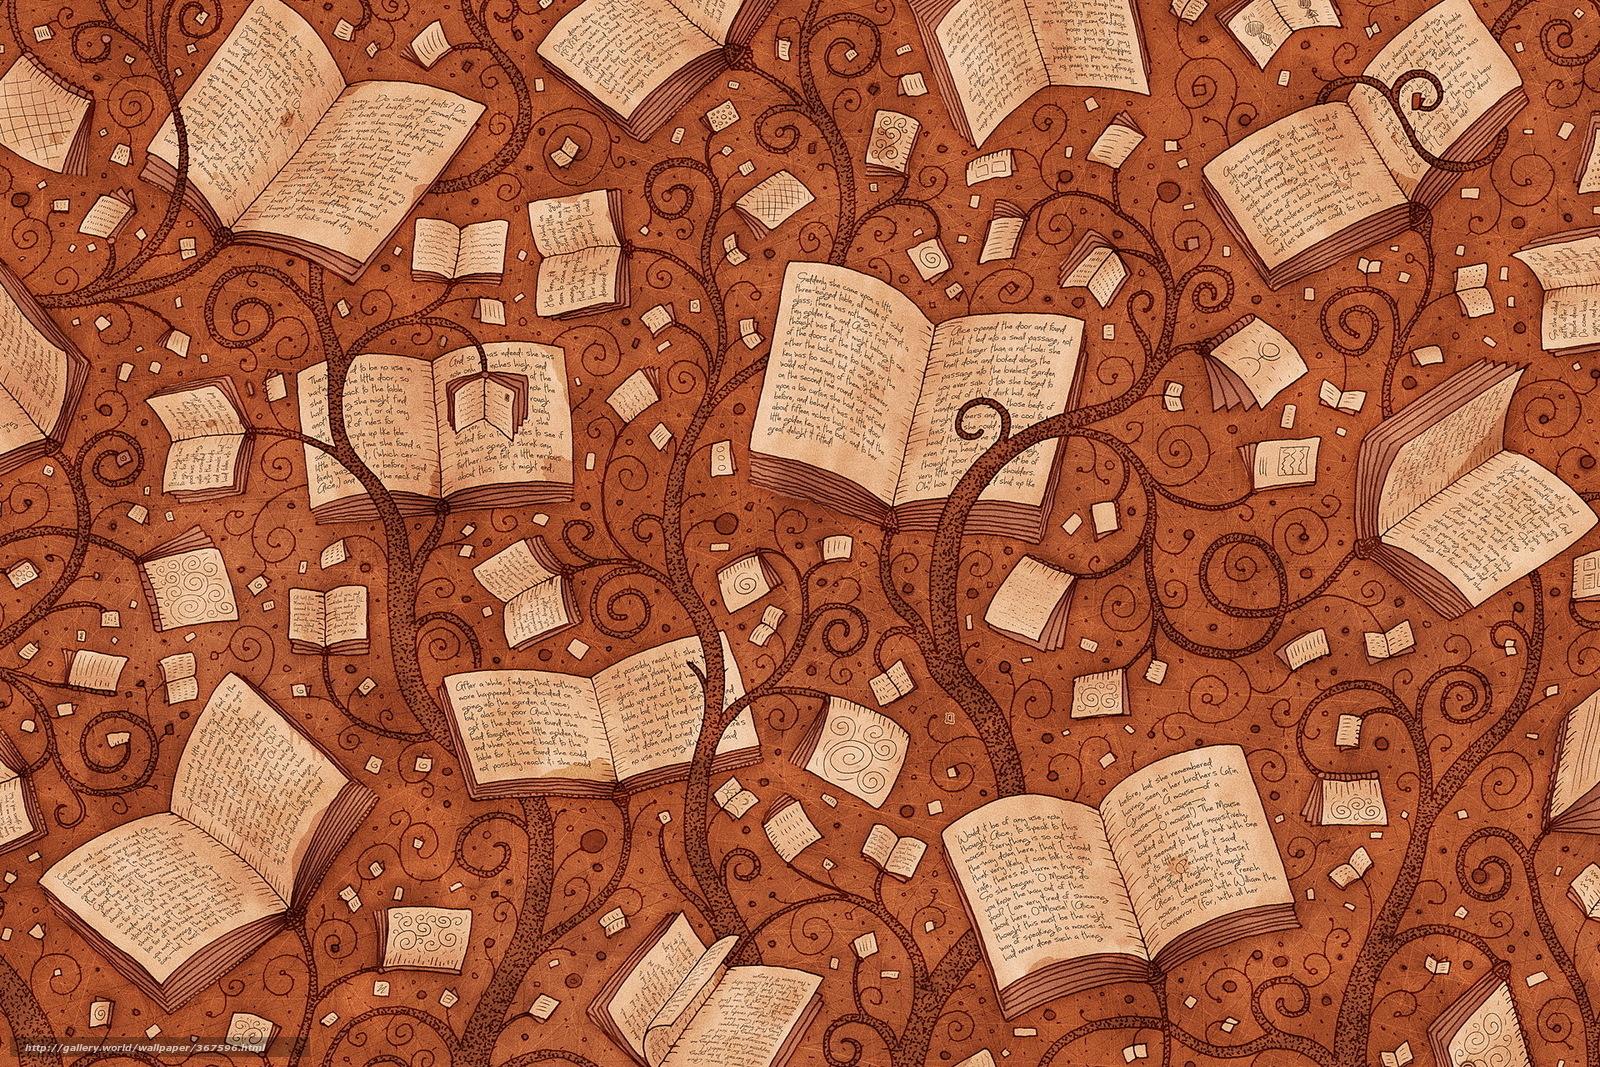 Tlcharger Fond d'ecran livres,  fond,  Style Fonds d'ecran gratuits pour votre rsolution du bureau 1920x1280 — image №367596